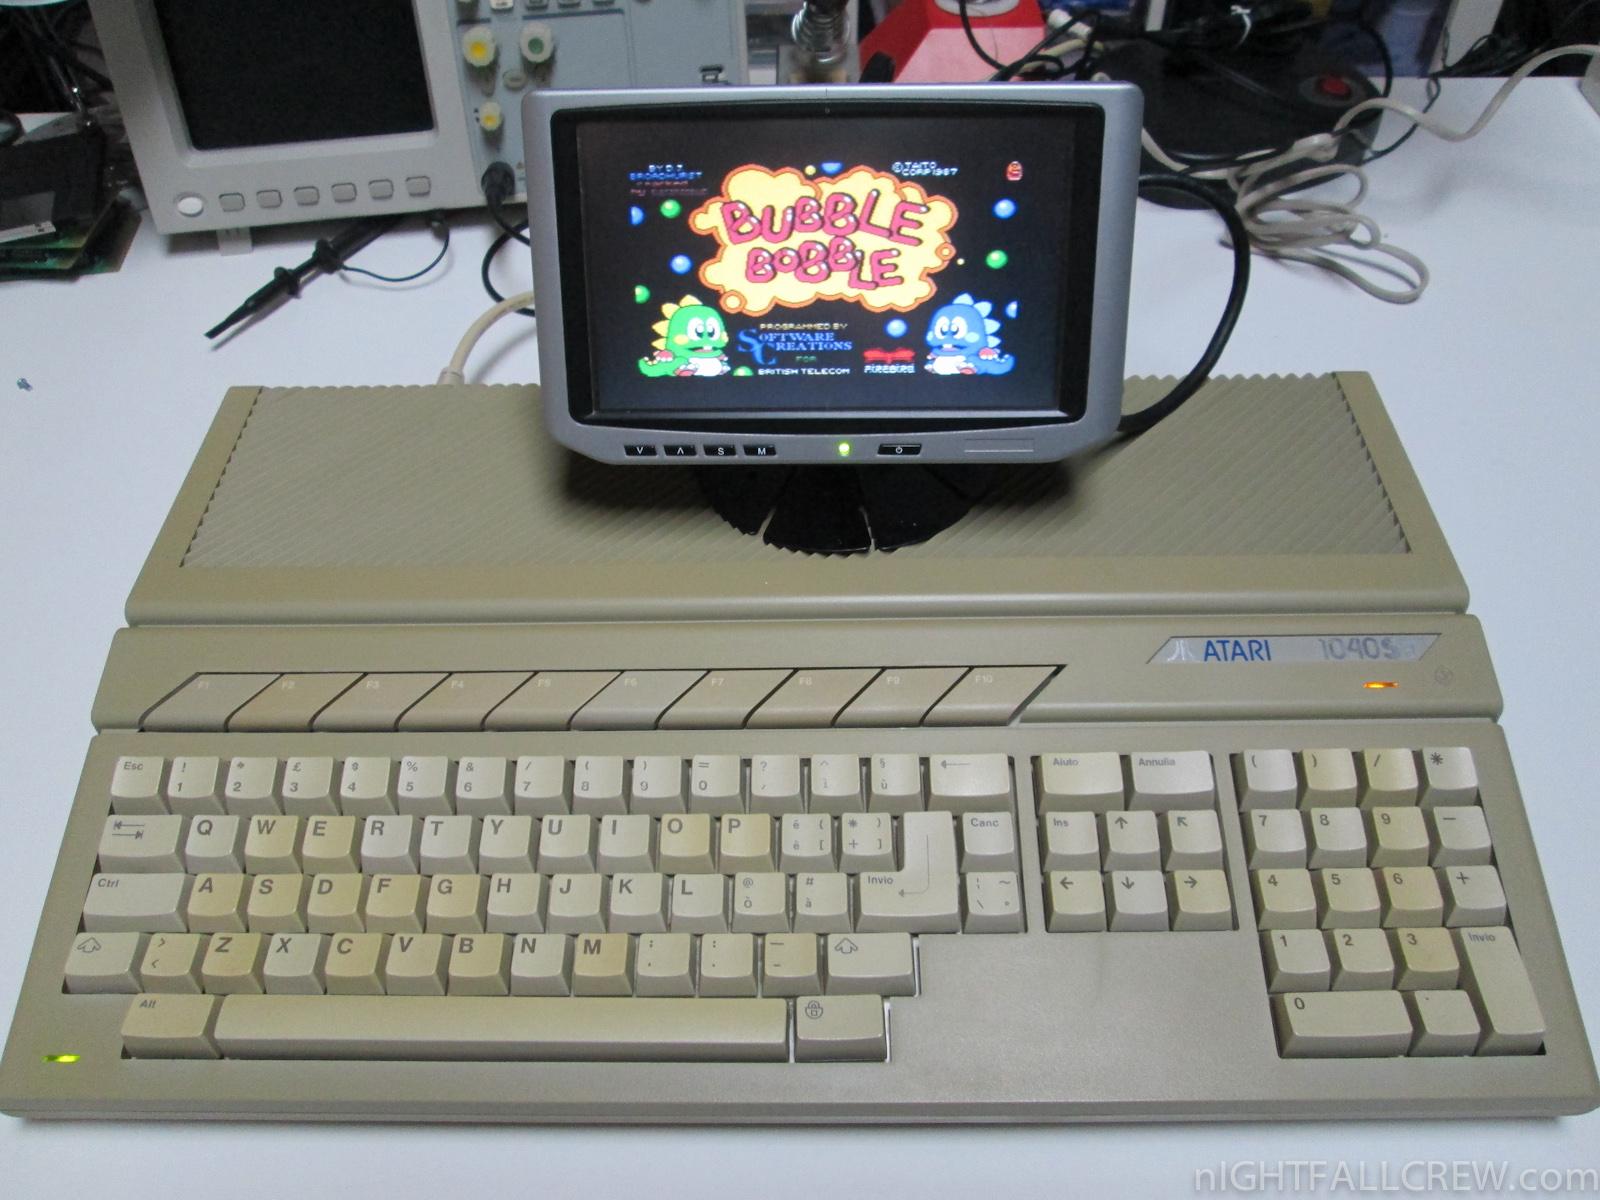 Atari | nIGHTFALL Blog / RetroComputerMania com - Part 3